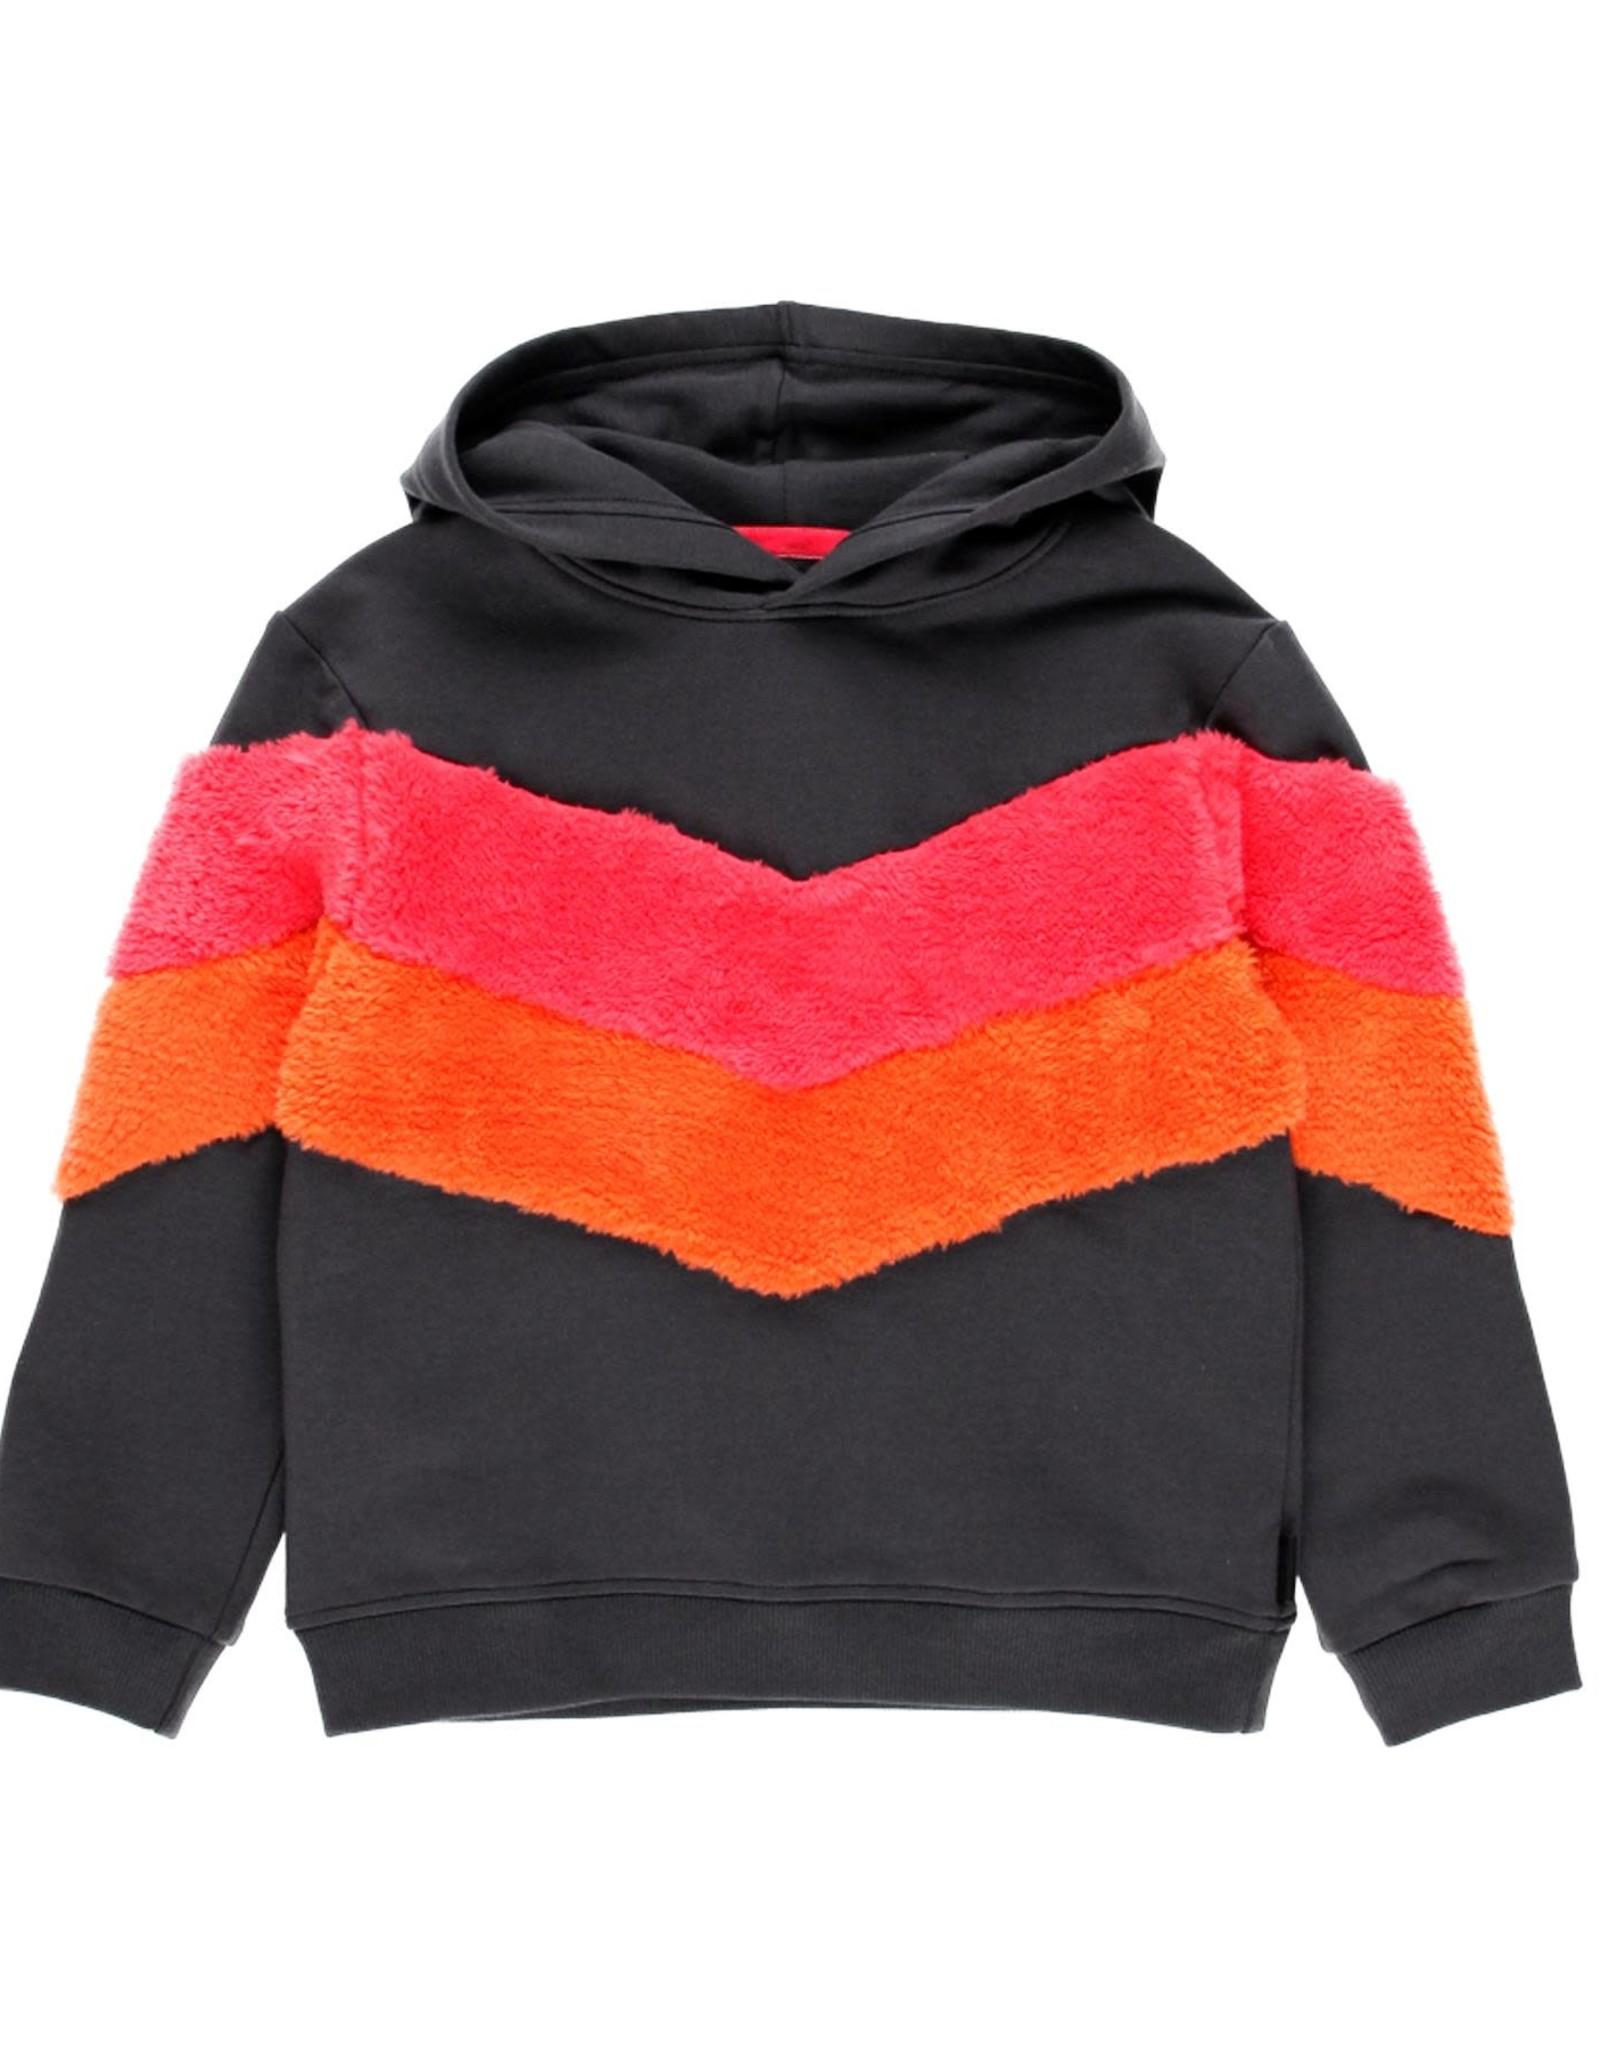 Boboli hooded fleece sweatshirt with pink/ orange stripes